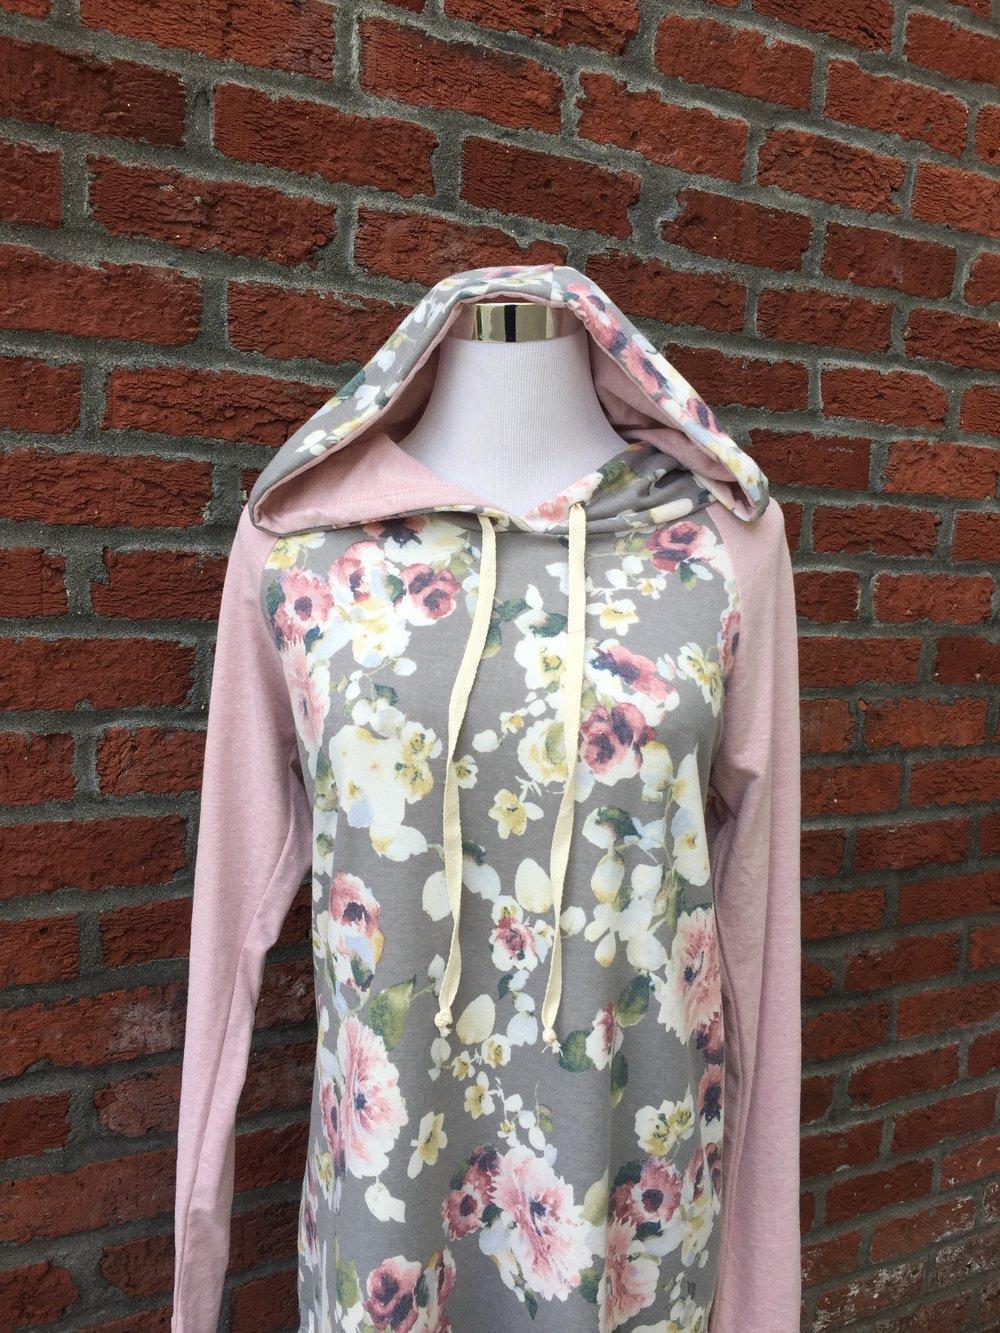 Chris & Carol floral hoodie ($35)